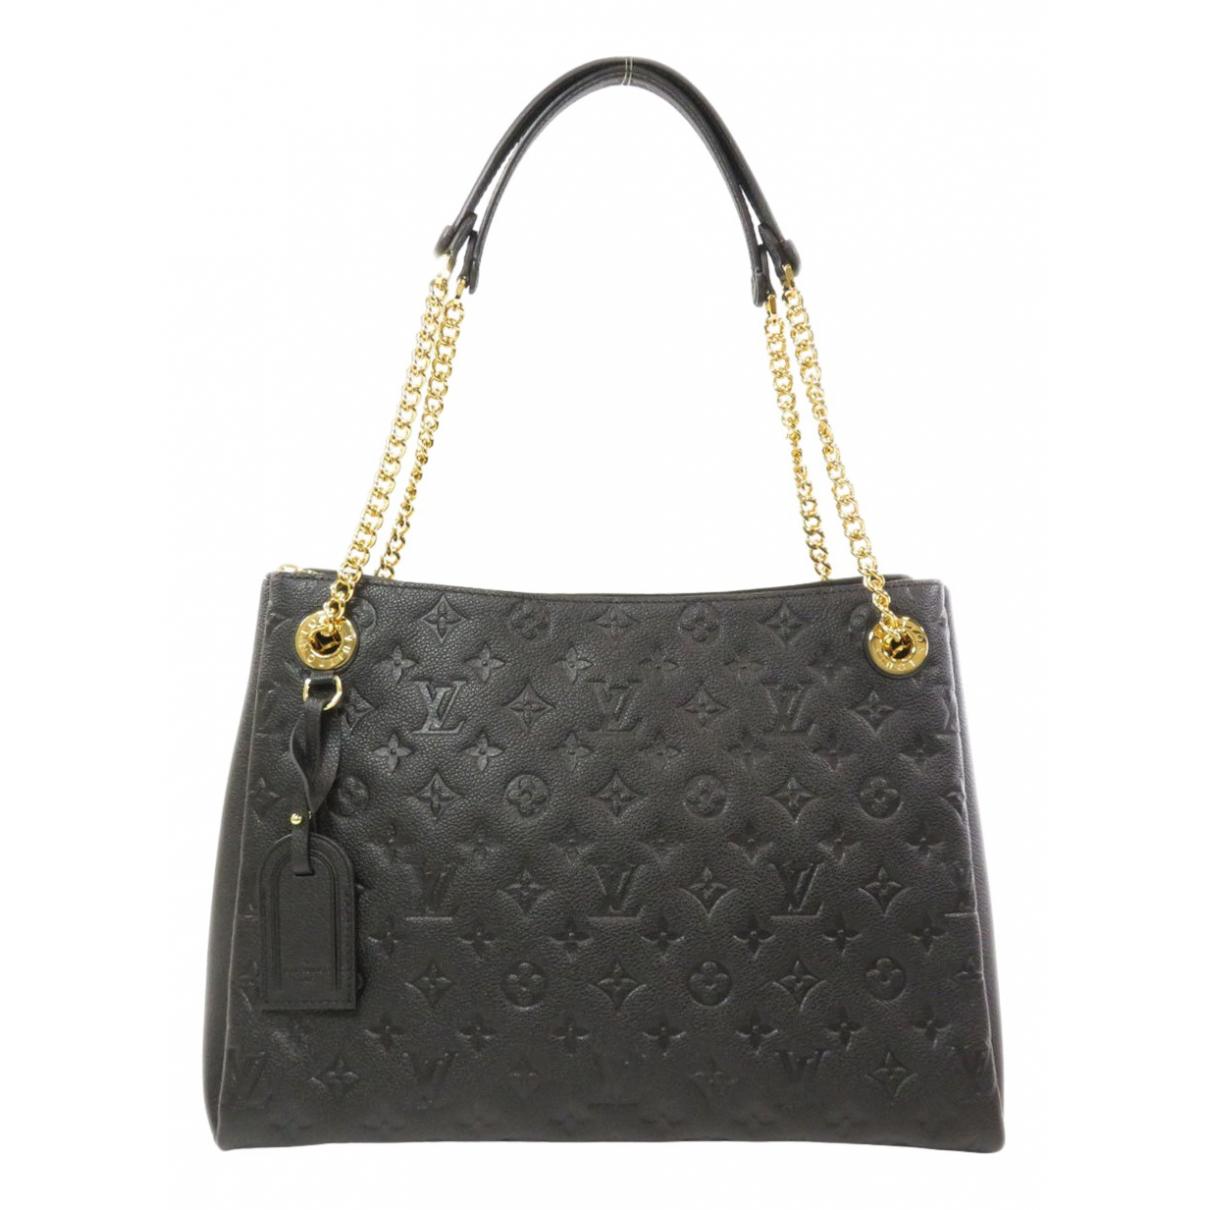 Louis Vuitton - Sac a main Surene pour femme en toile - noir